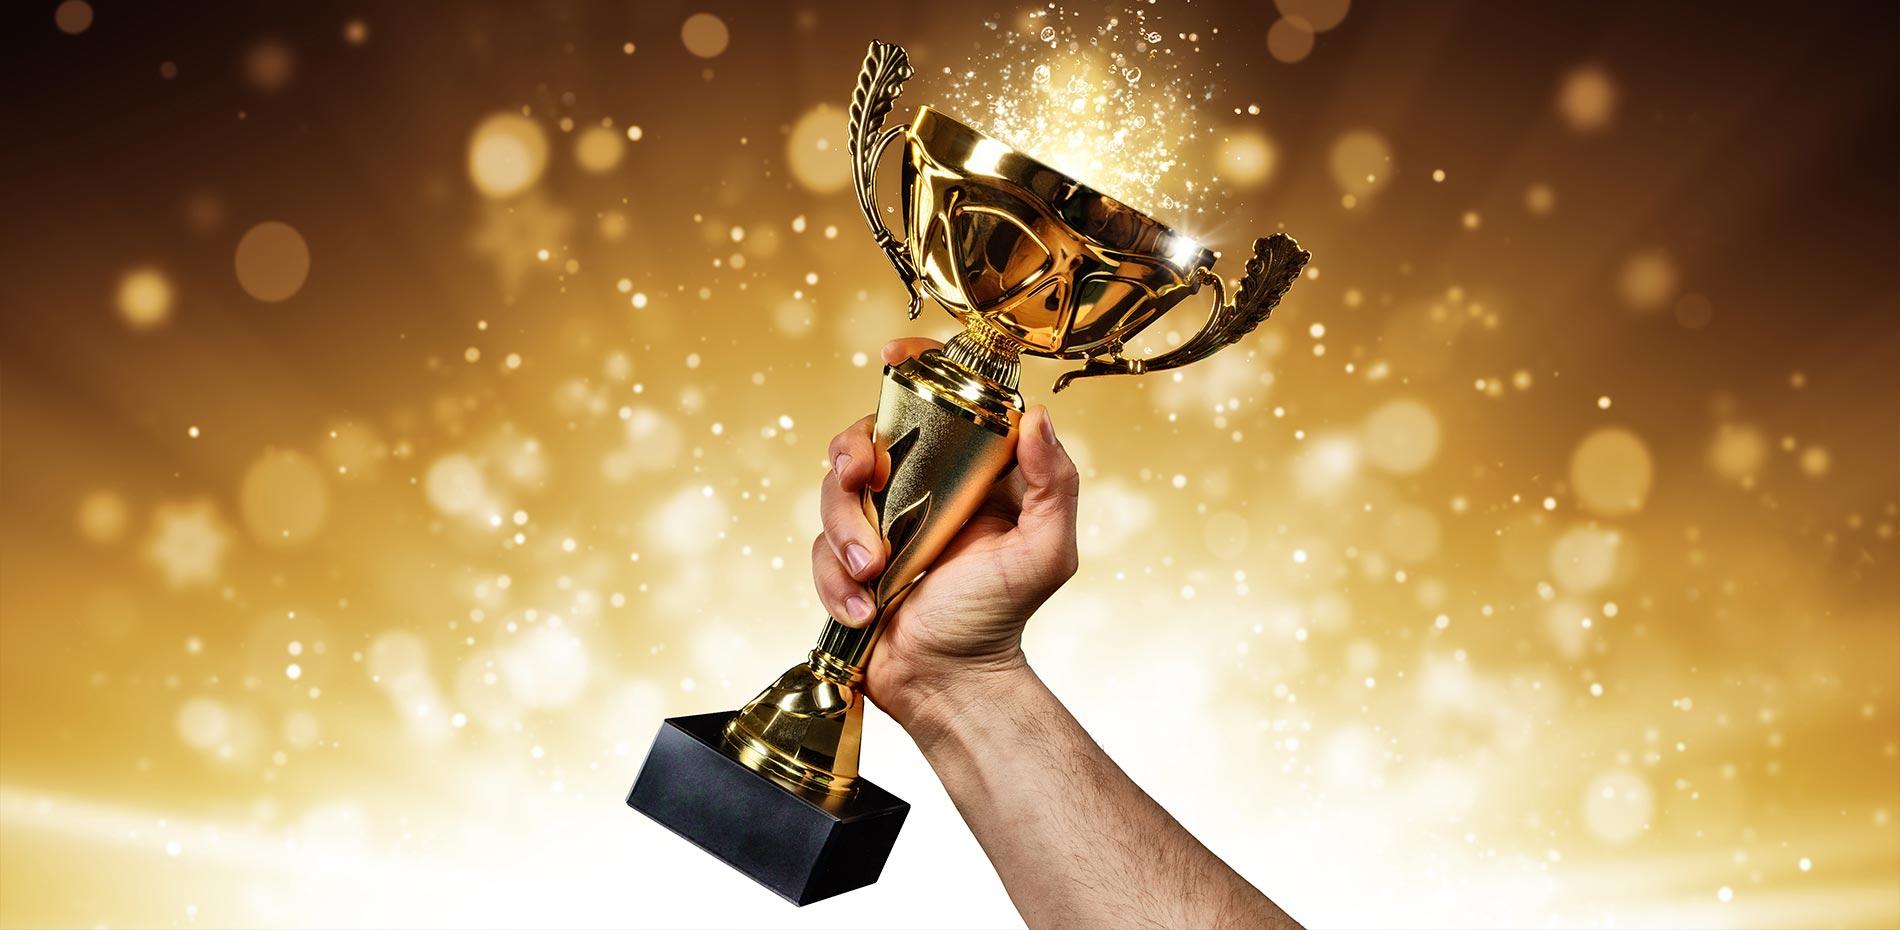 Atticus is an award winner!